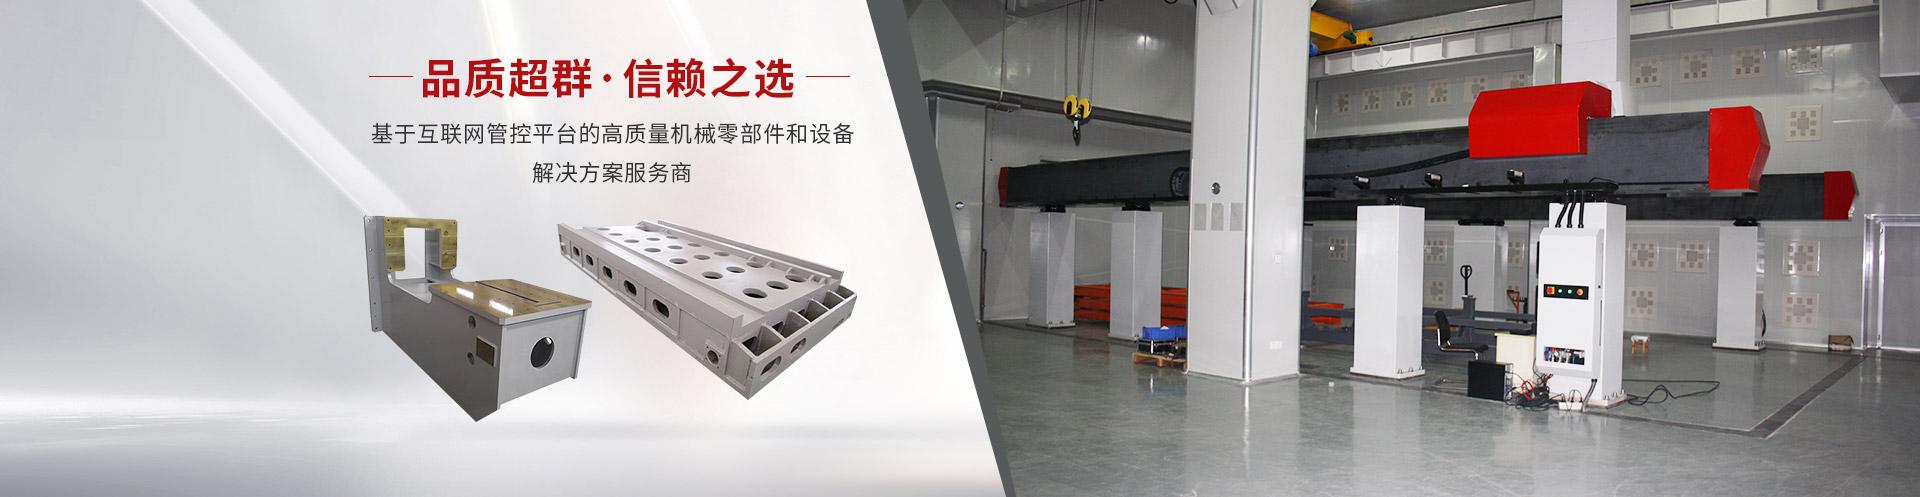 江苏新铁重工装备有限公司